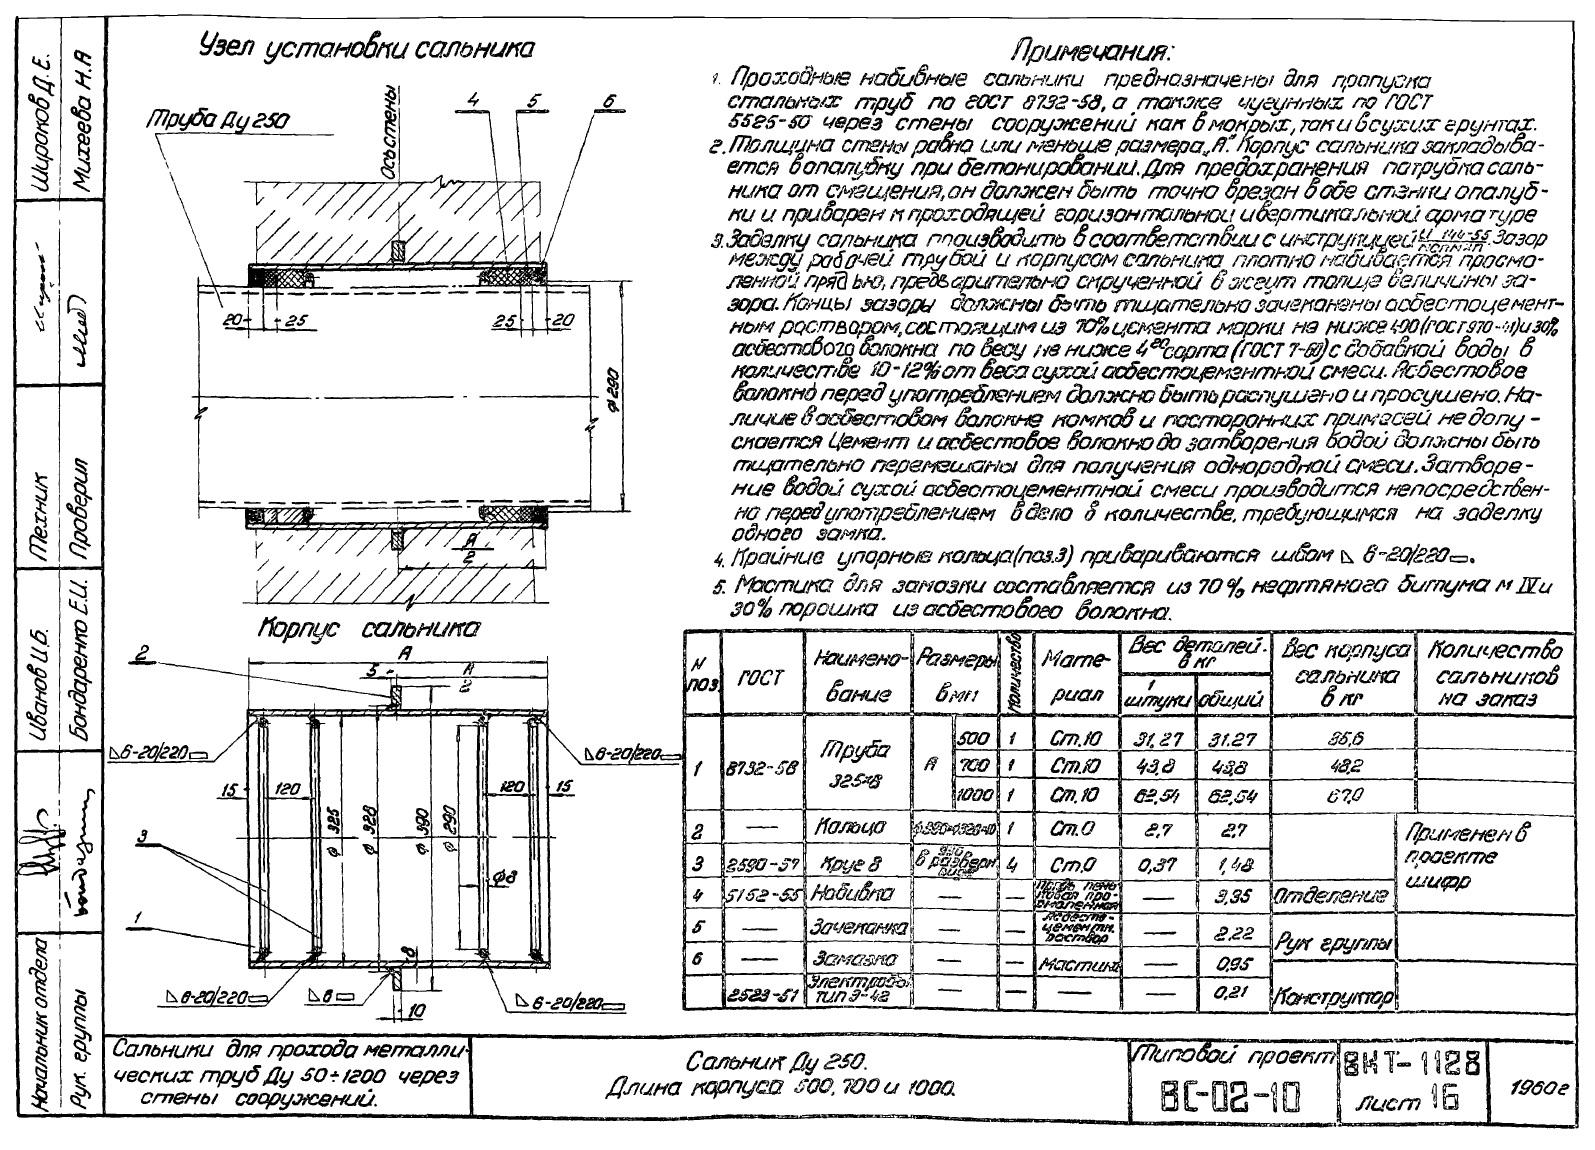 Сальники набивные L = 700 мм типовой проект ВС-02-10 стр.7